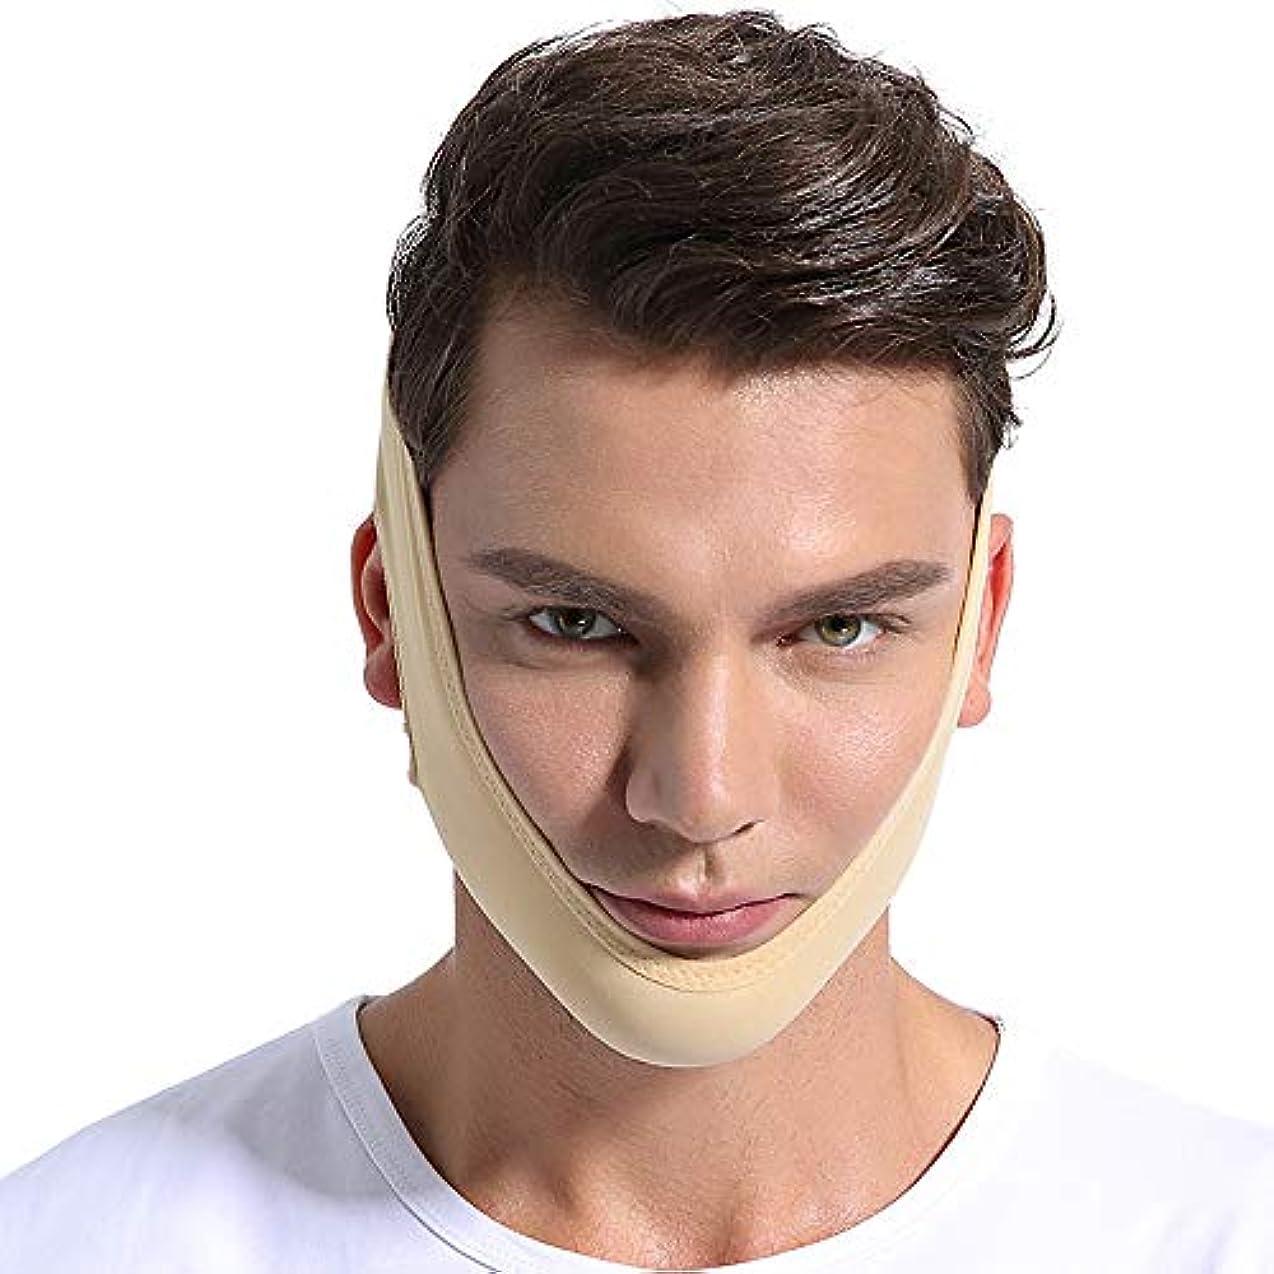 不調和マークされたその顔面持ち上げ用具、Vフェイスの薄い顔の包帯顔面マッサージ器リフティングパッキングマスク,L